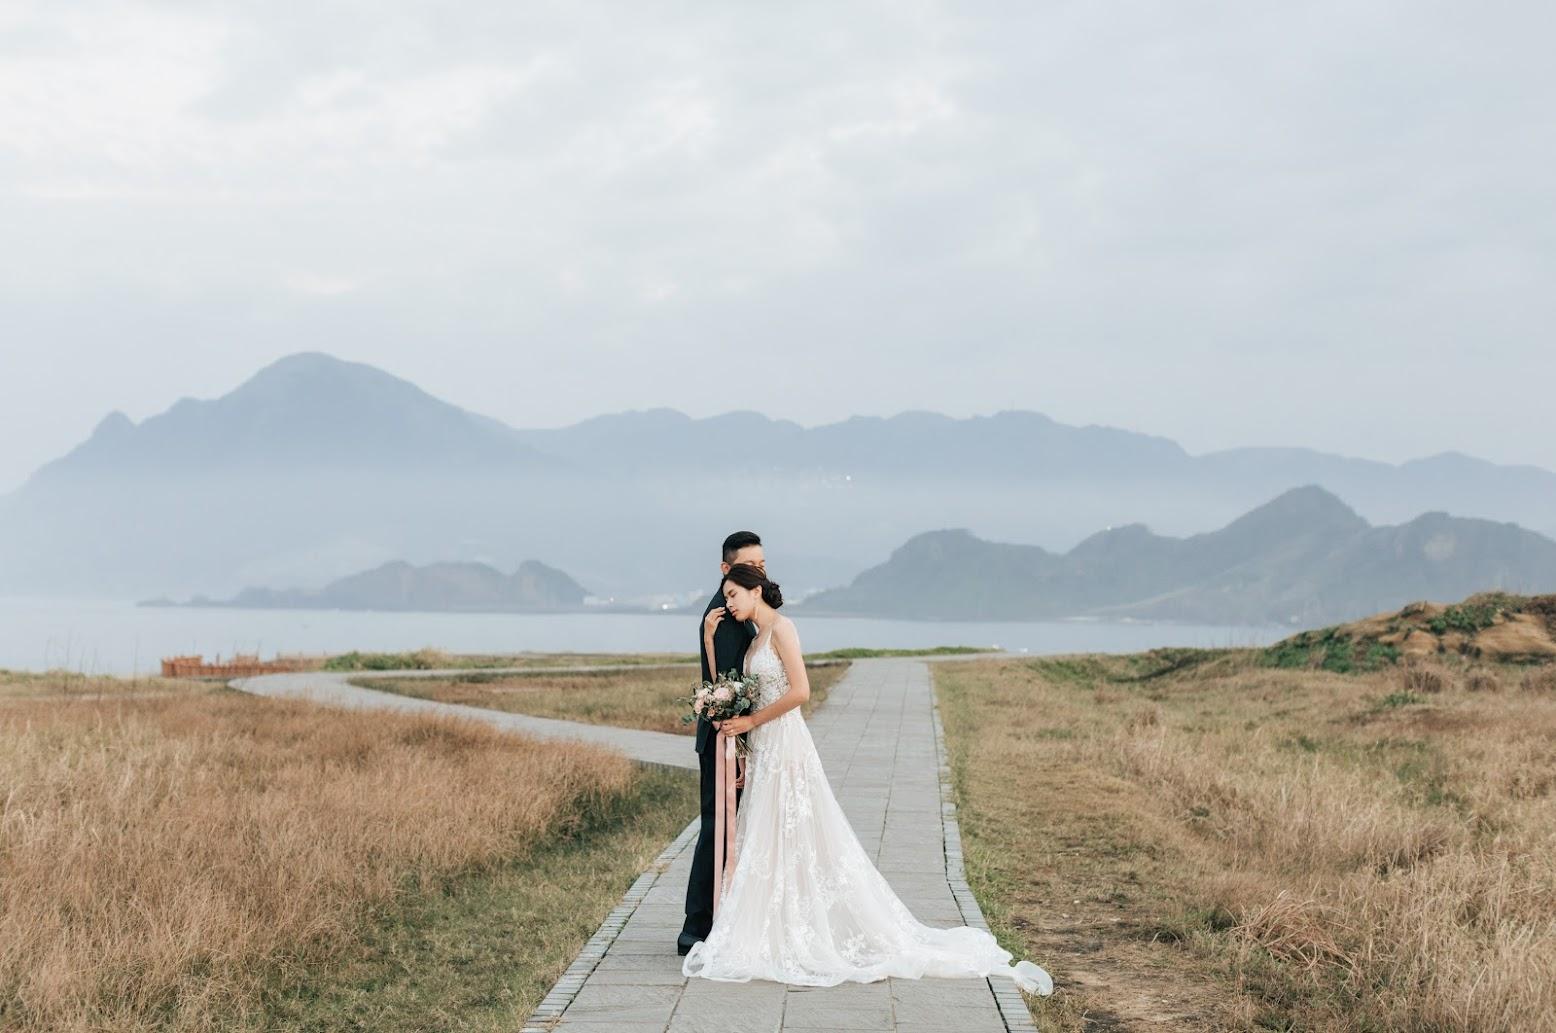 2021婚紗景點|台北、台中婚紗景點推薦,想拍超美婚紗看這篇